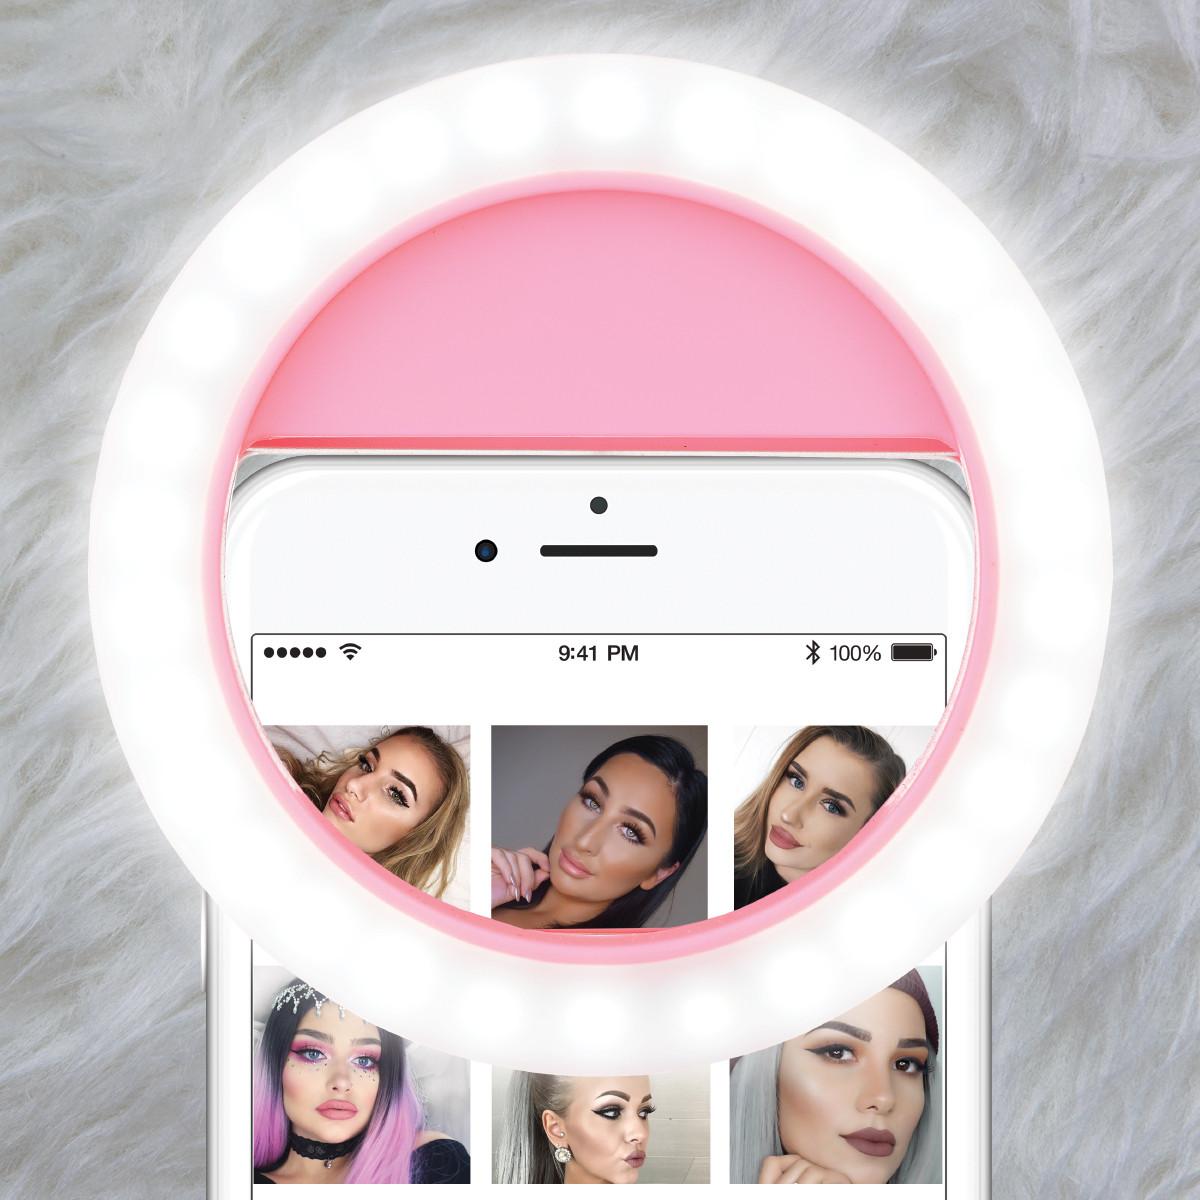 Selfie Light Selfie LED světlo RING LIGHT na mobilní telefony - nabíjecí - Růžové (pink)